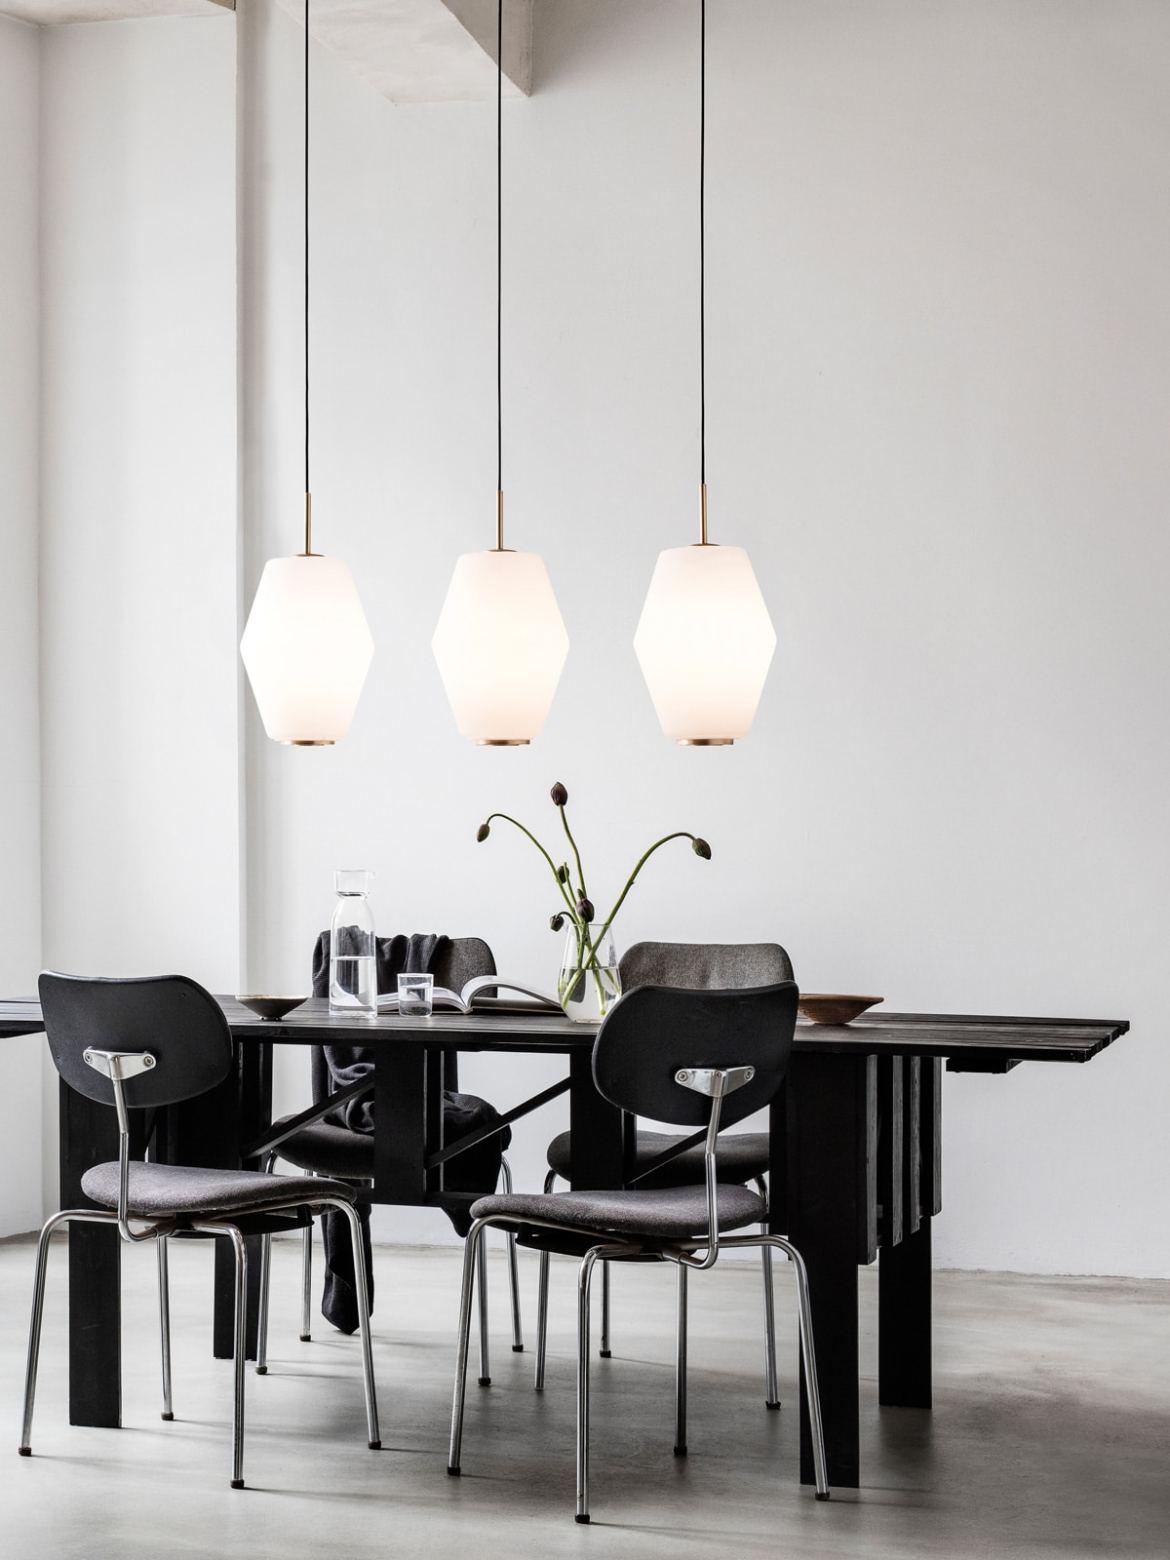 Birger Dahl Pendelleuchte Dahl Northern Lighting bei DesignOrt Berlin